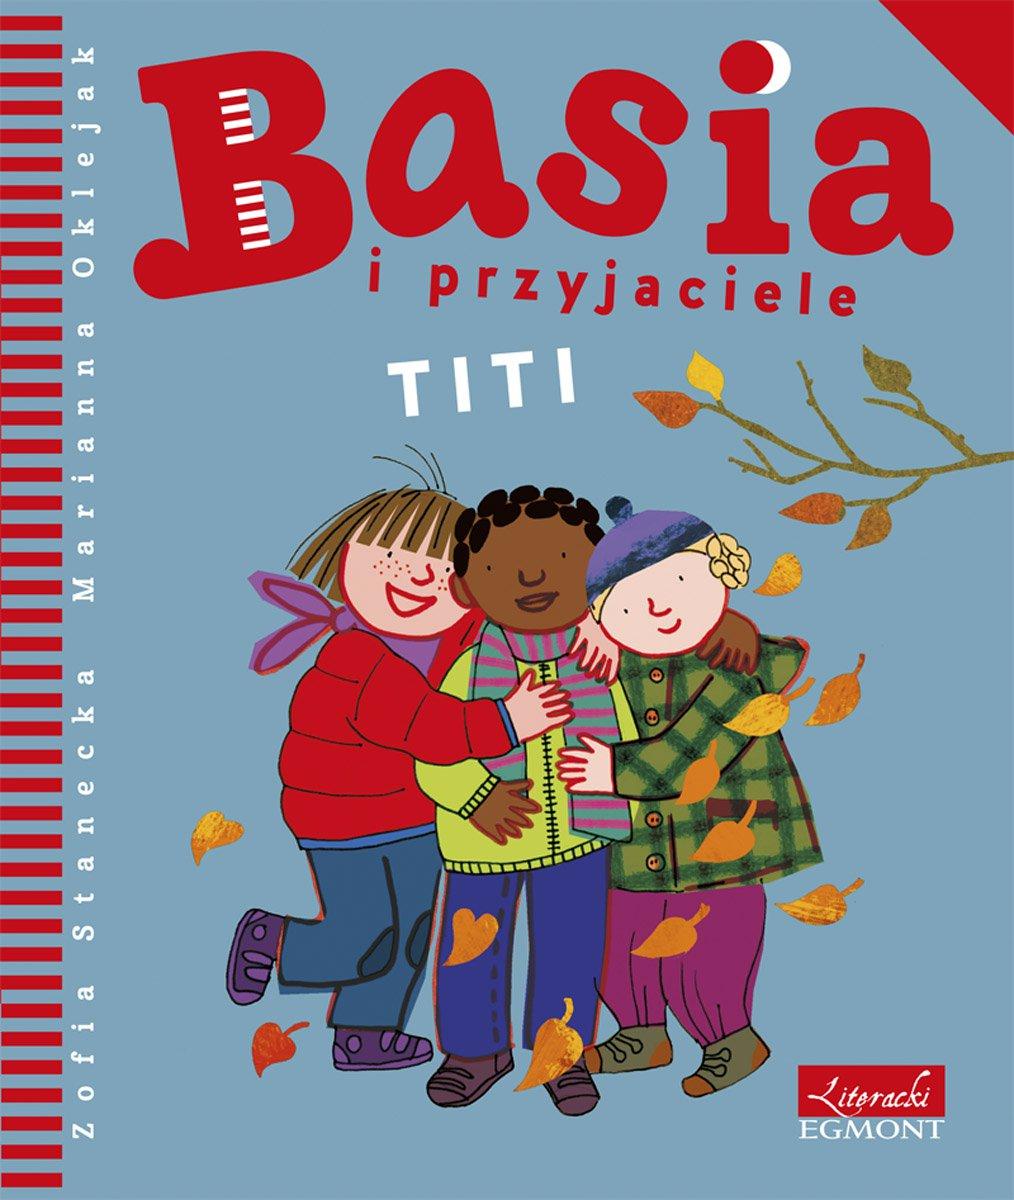 Basia i przyjaciele. Titi - Ebook (Książka EPUB) do pobrania w formacie EPUB